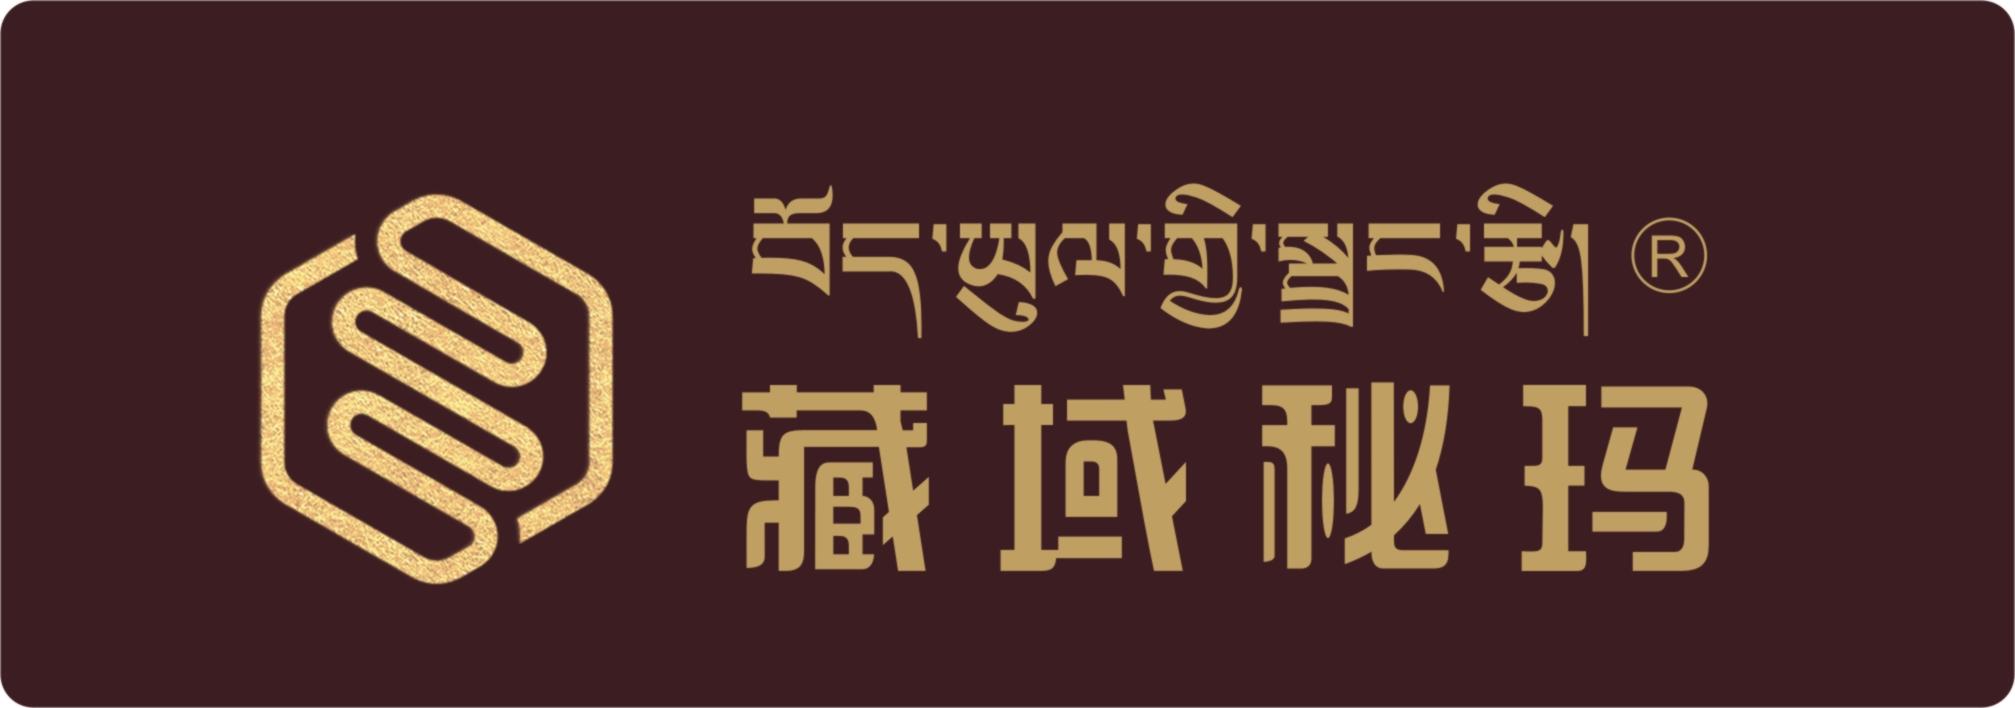 西藏布瑞吉祥实业有限公司